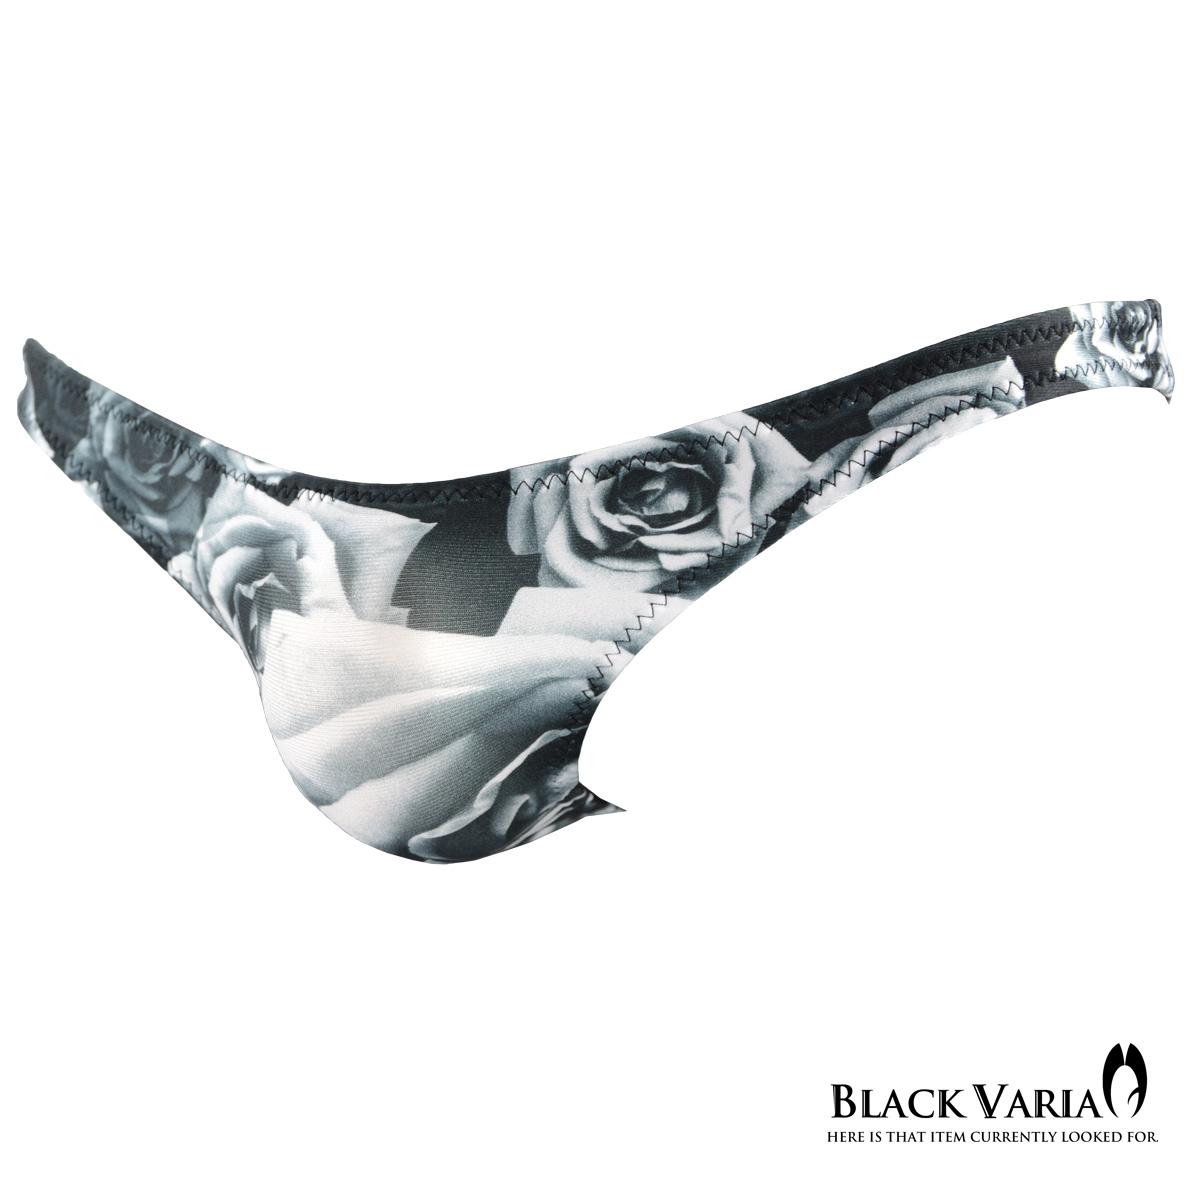 BLACK VARIA日本製 吸水速乾 ストレッチ パンツ プレゼント ハーフバックビキニ 薔薇 バラ uw084h mens ホワイト白ブラック黒 下着 超人気 セクシー 花柄 ローライズ メンズ 激安セール